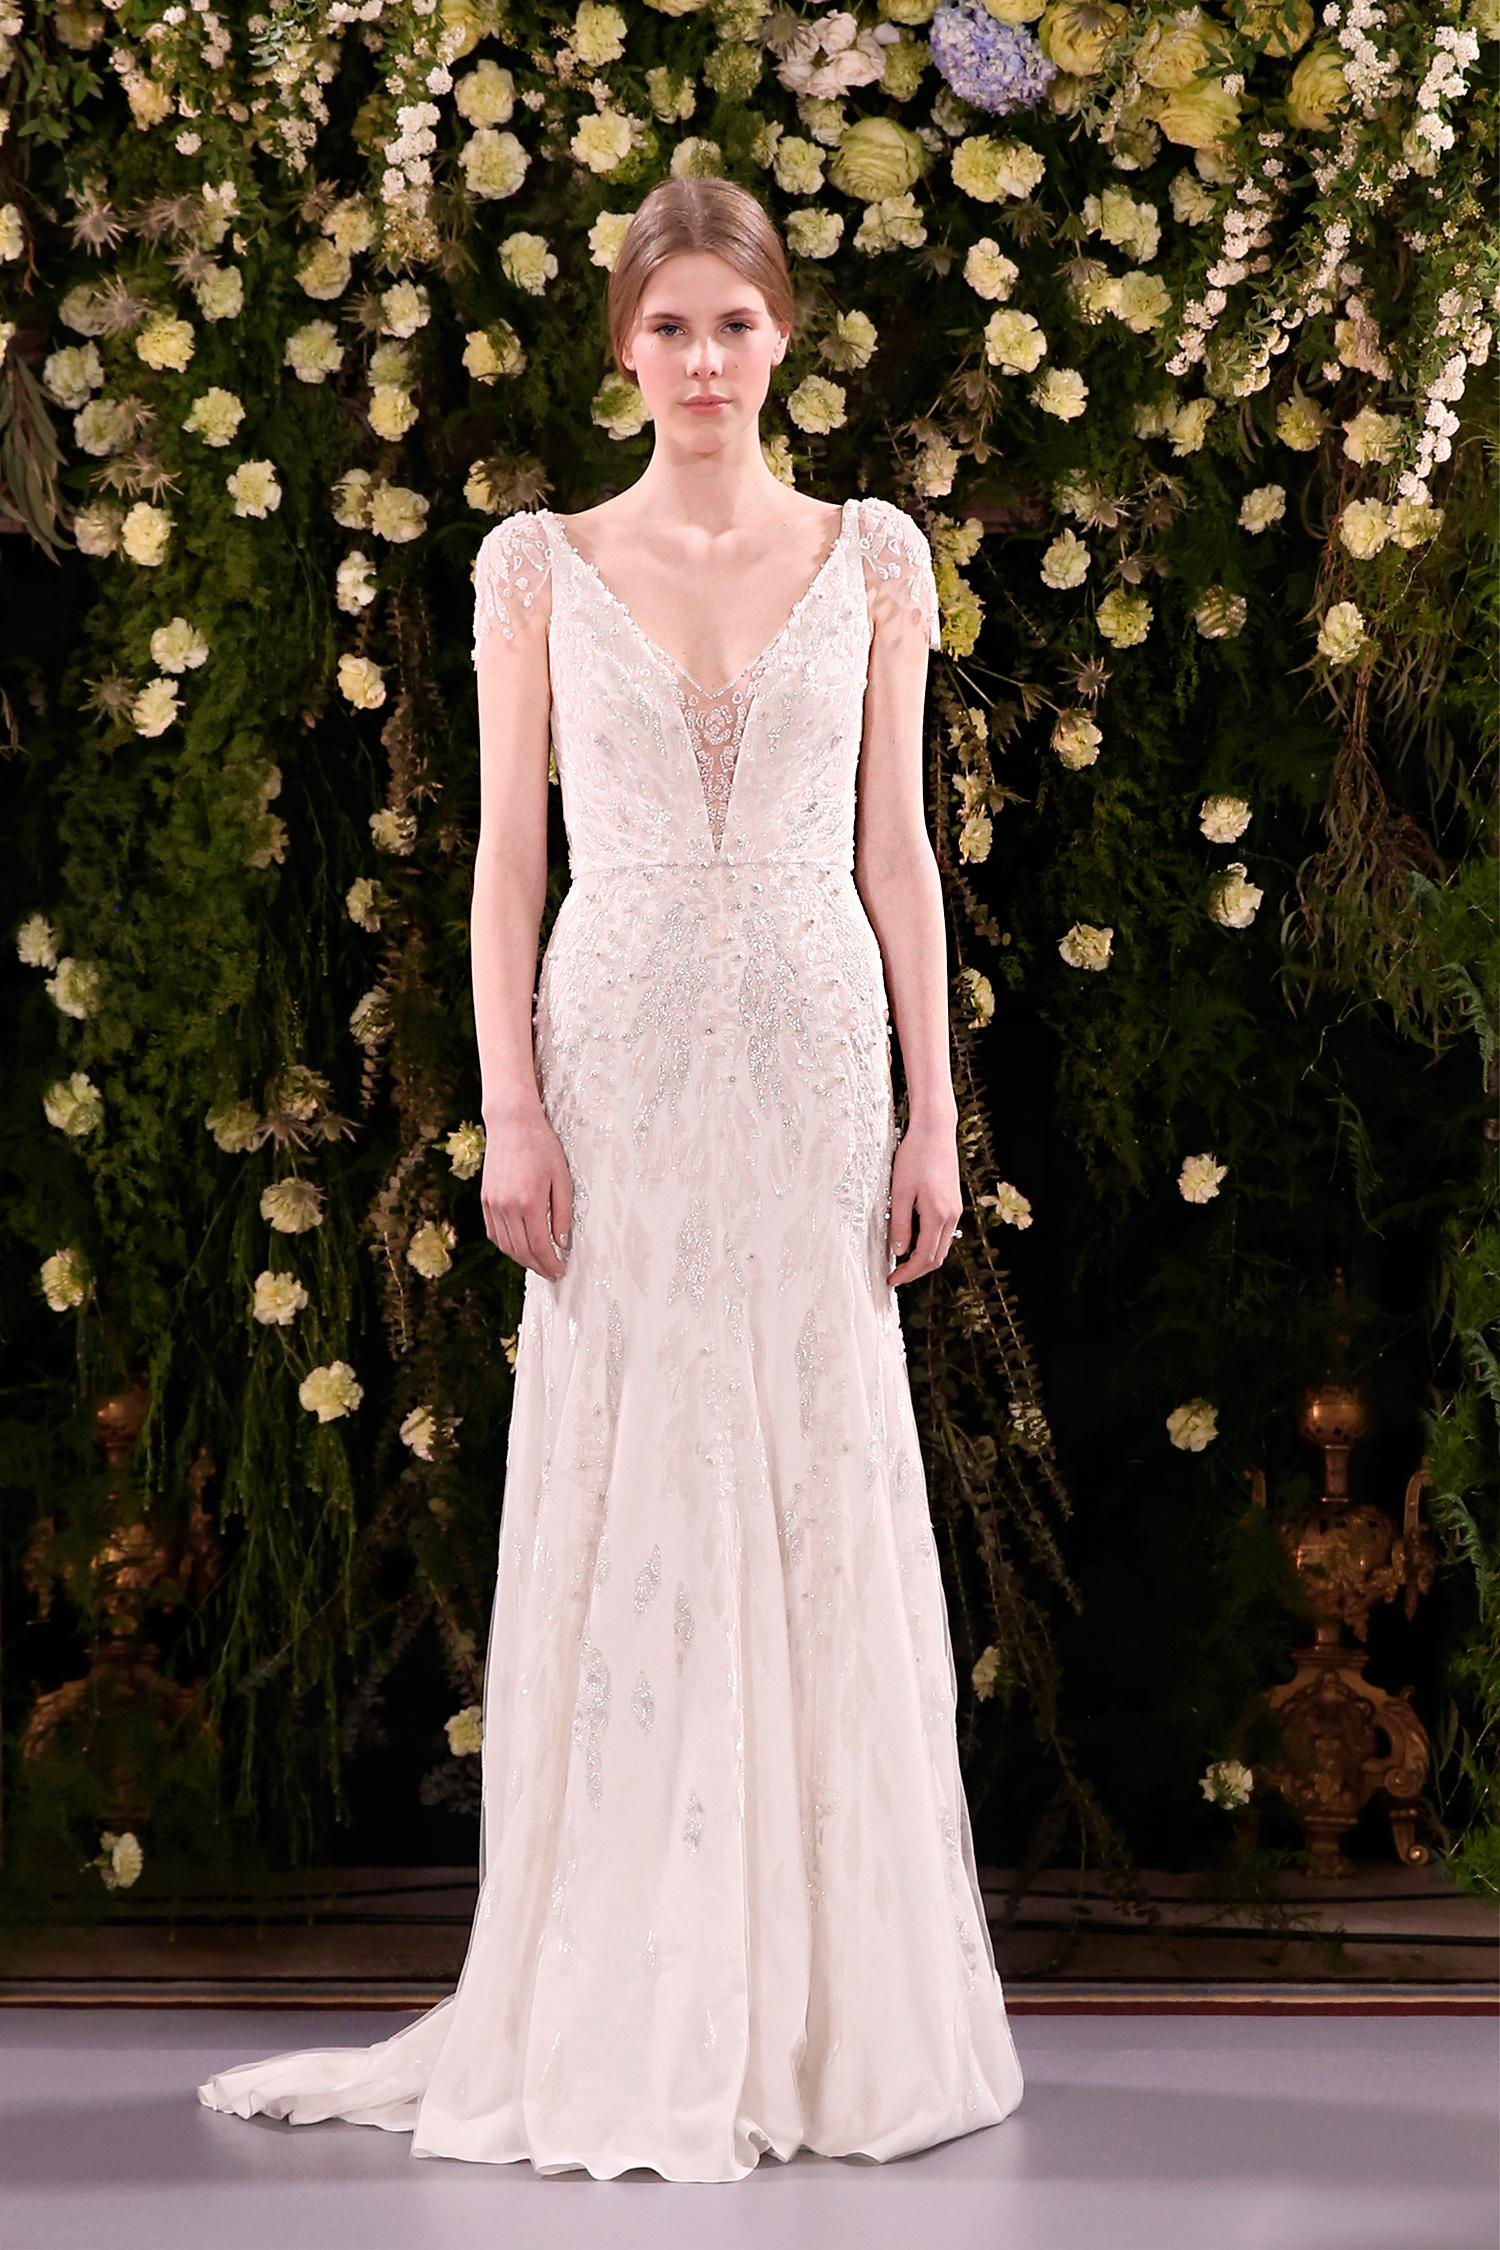 jenny packham wedding dress spring 2019 deep v-neck embellished sleeves